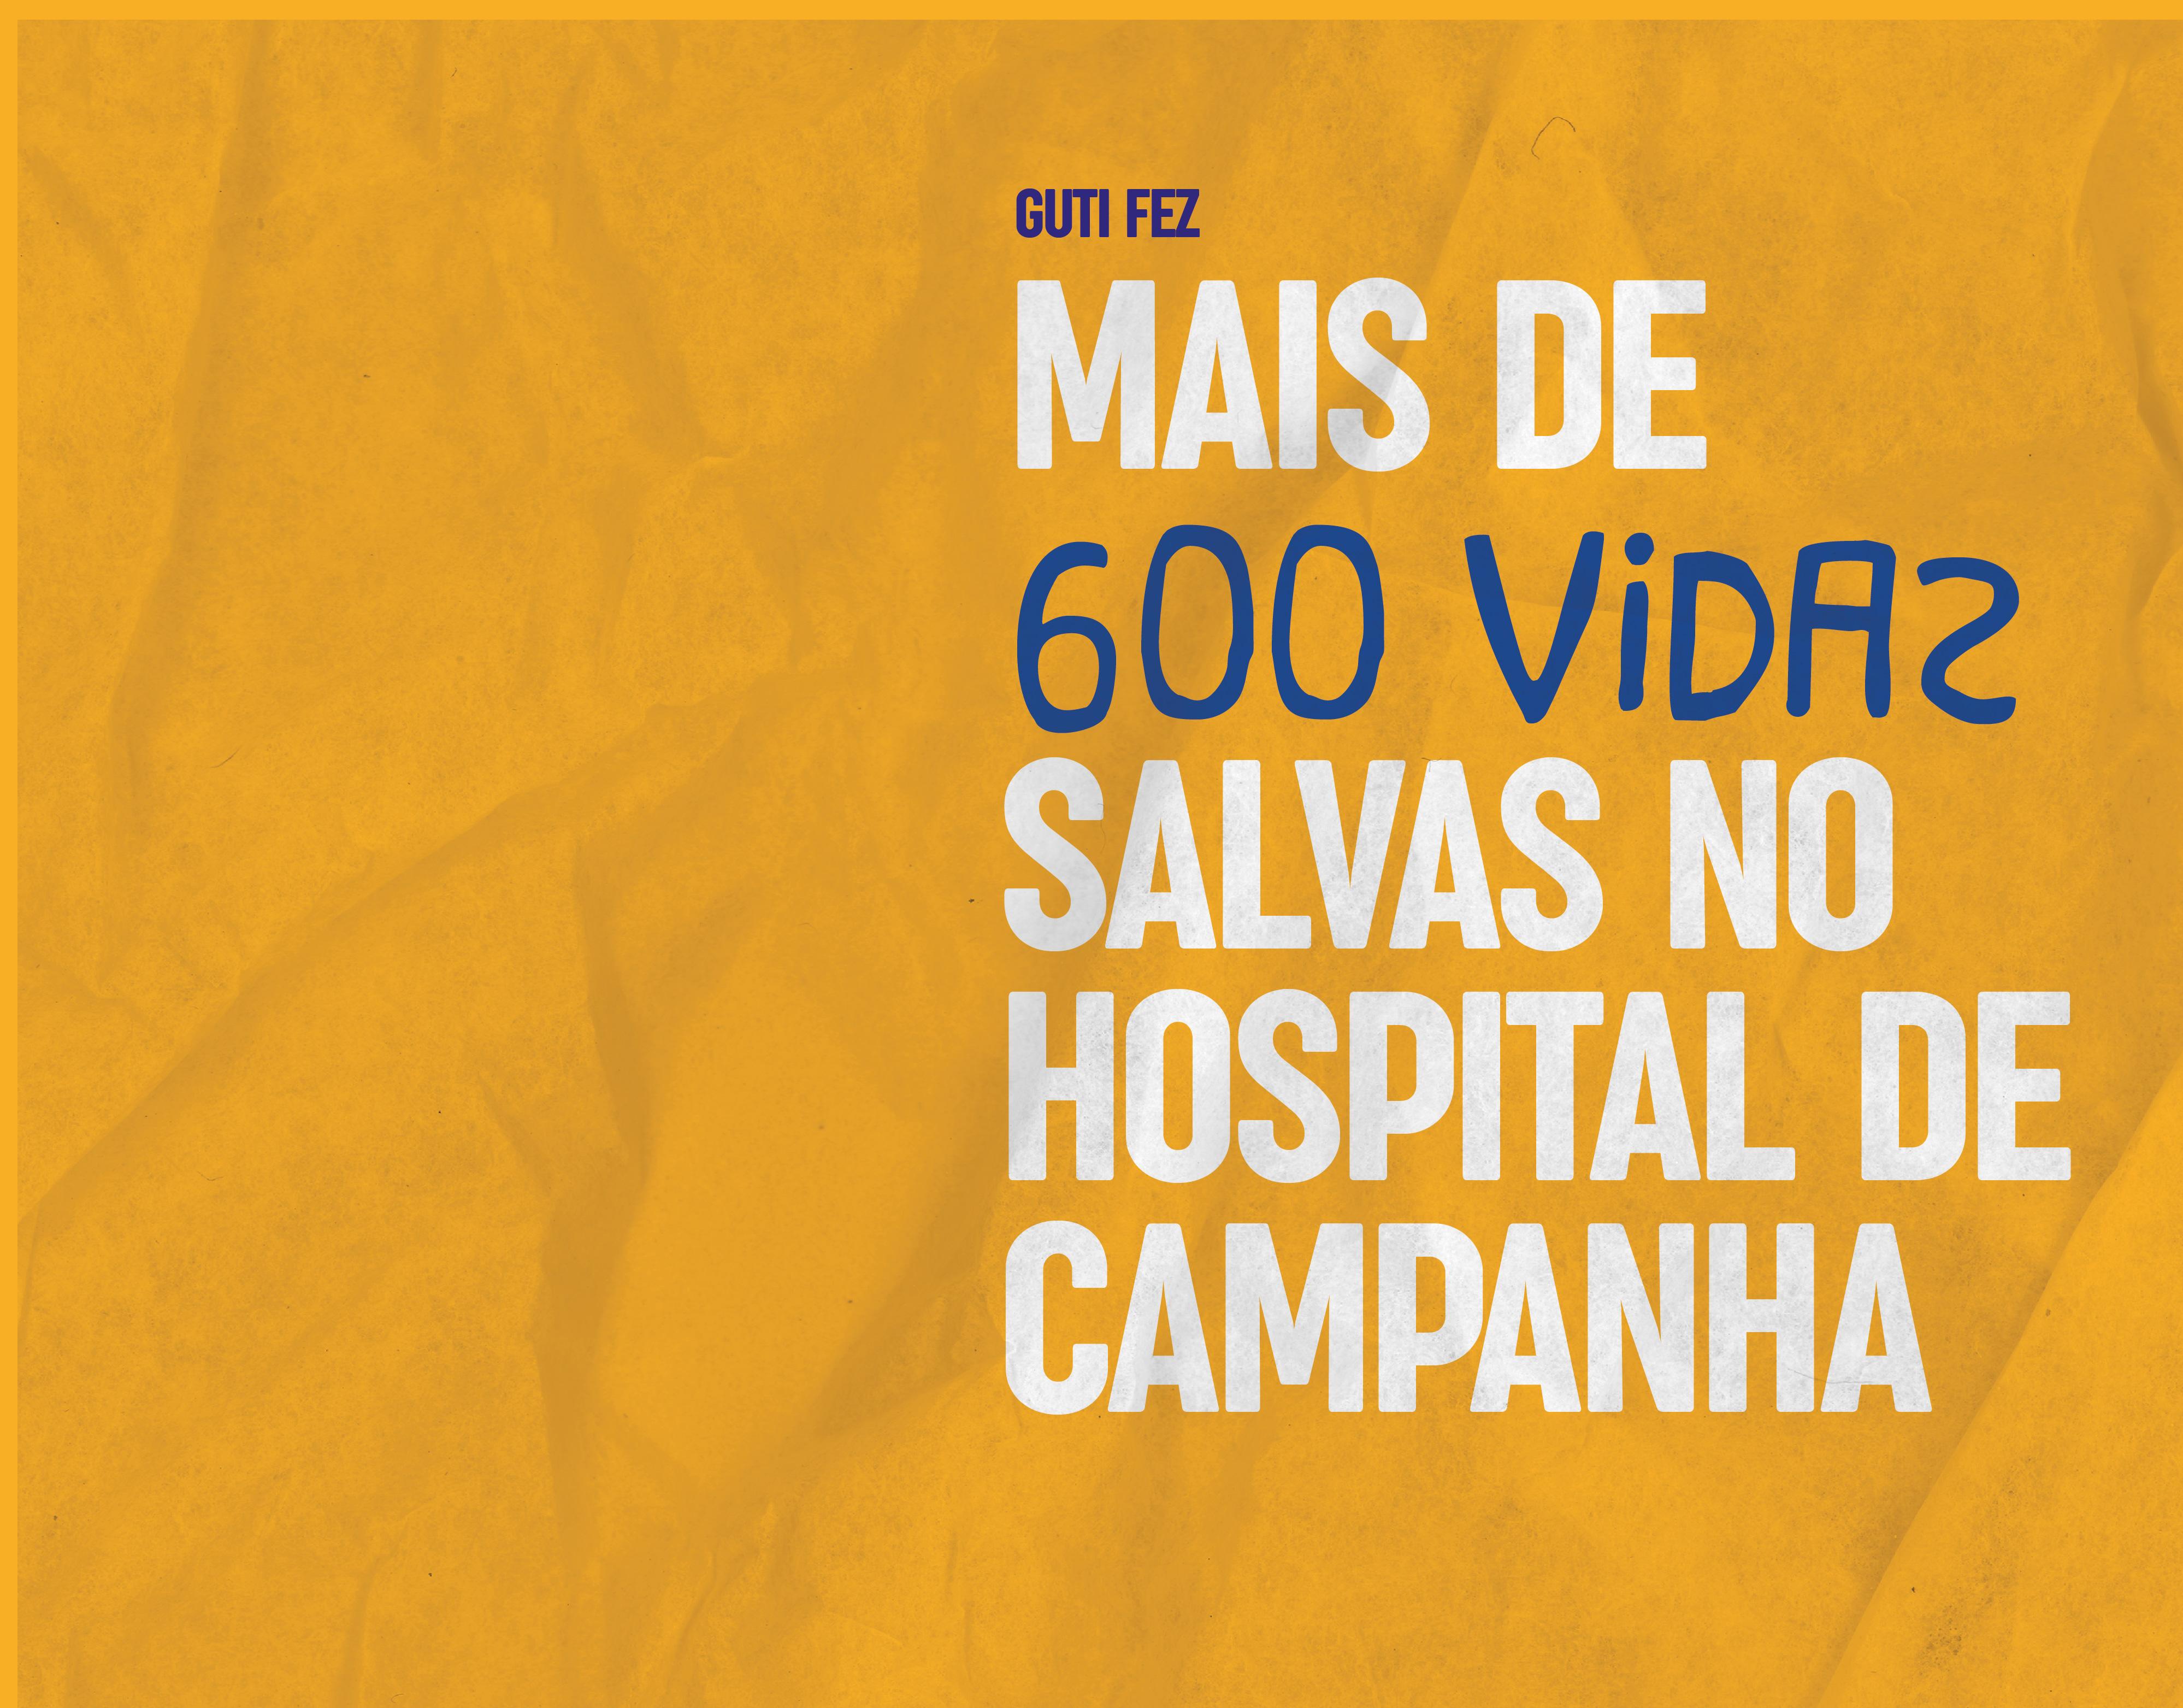 Mais de 600 vidas salvas no hospital de Campanha contra a Covid-19